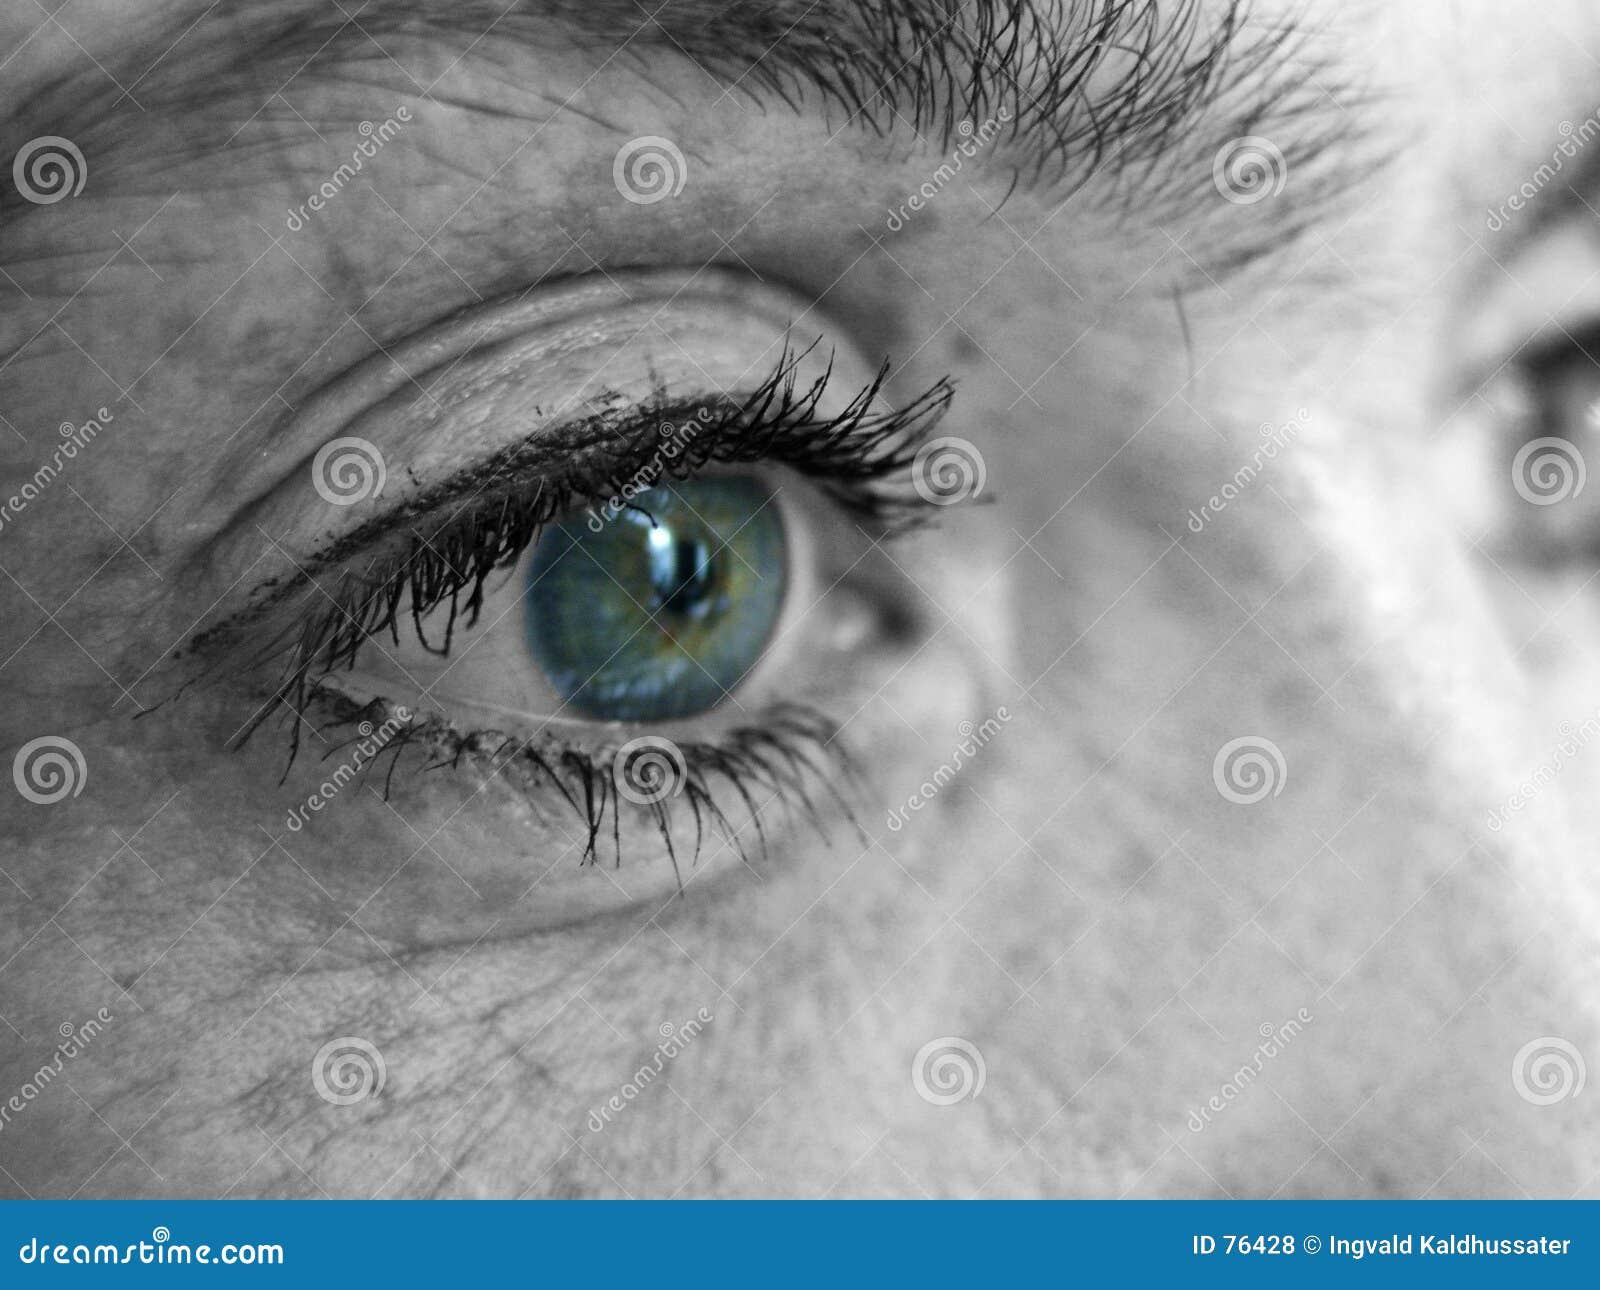 Girl s eye